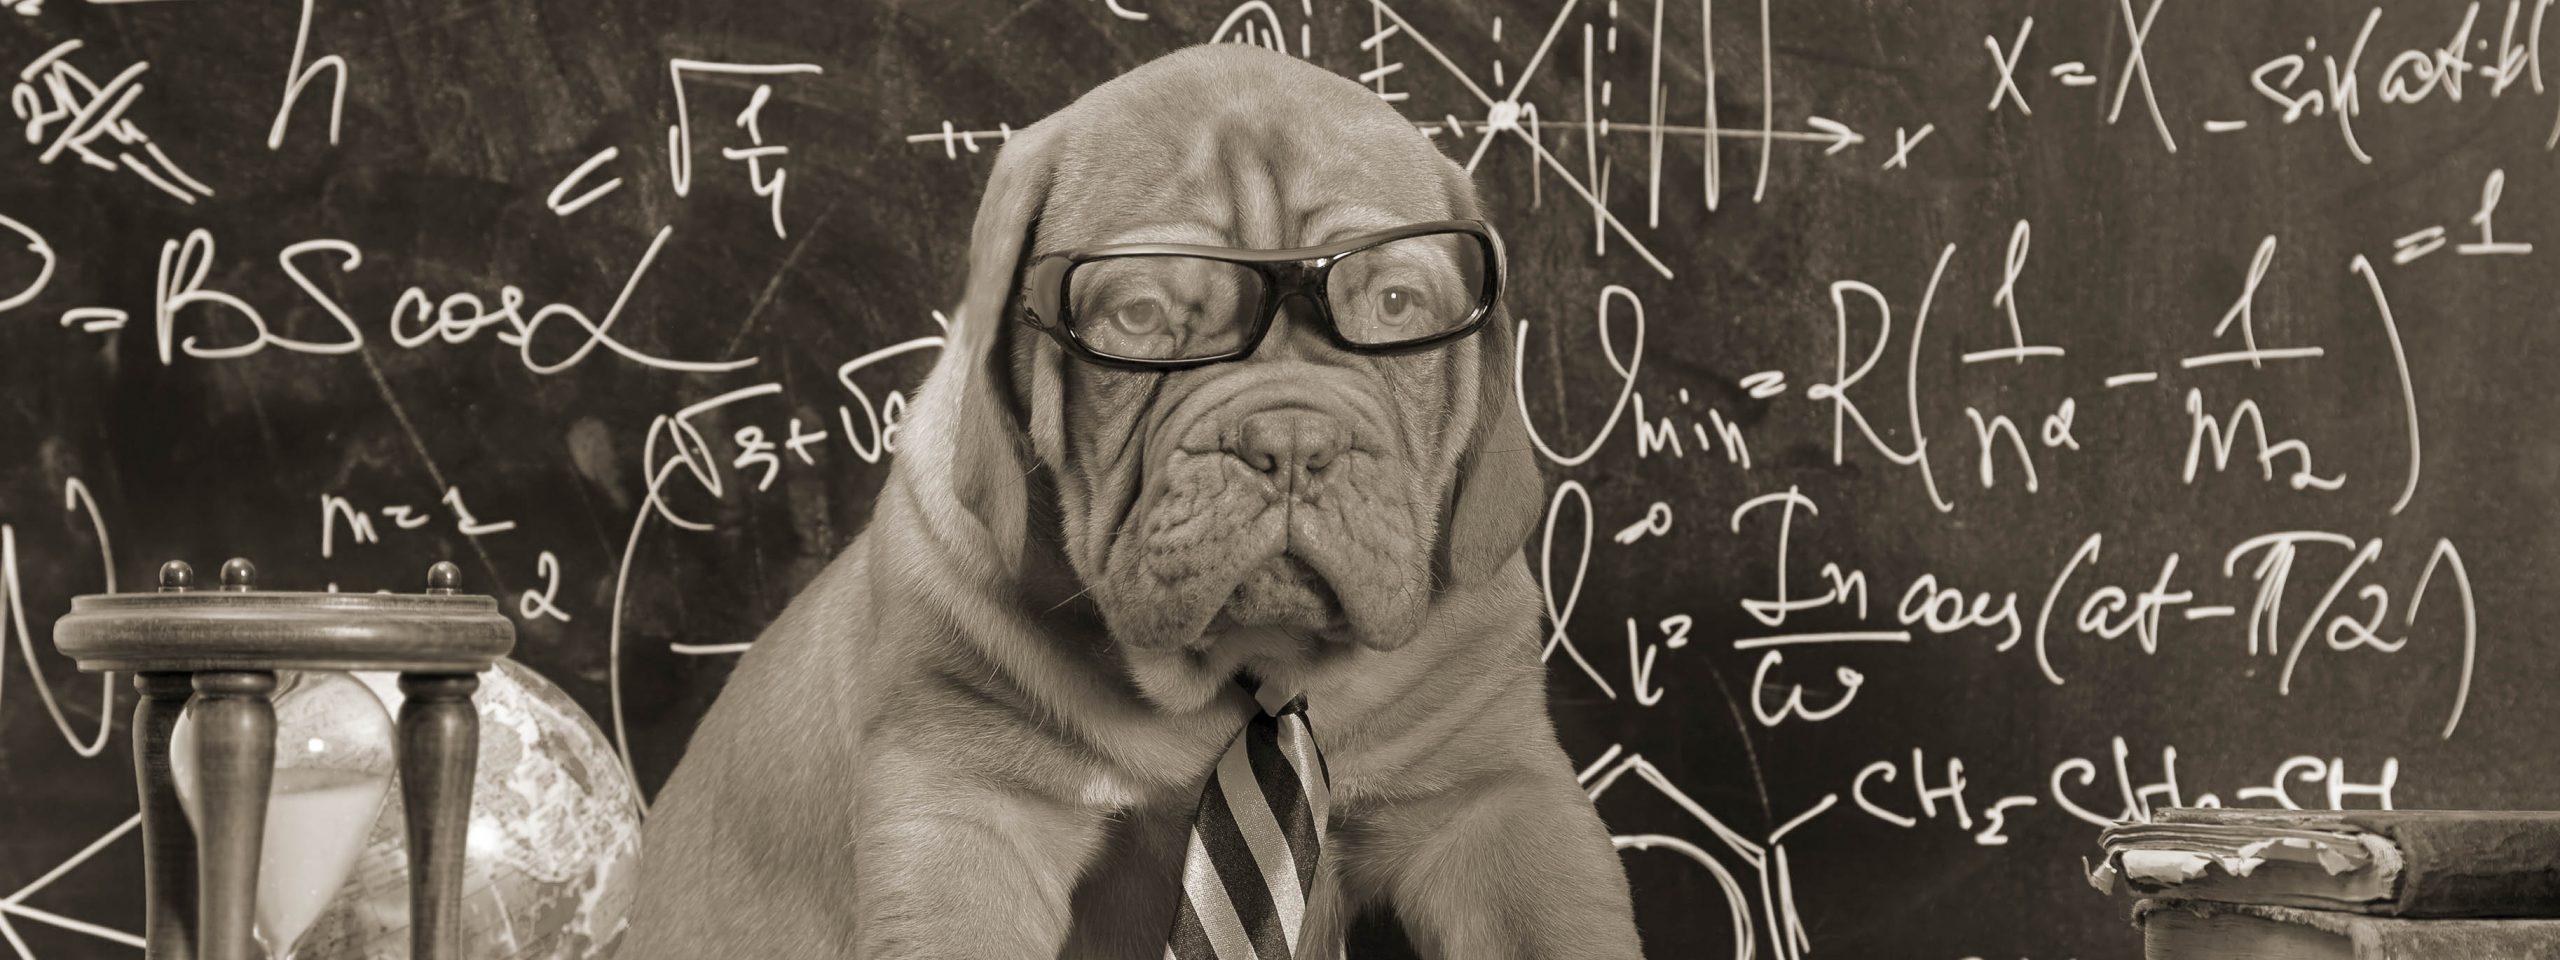 Hund mit Brille vor einer beschriebenen Tafel als Lehrer